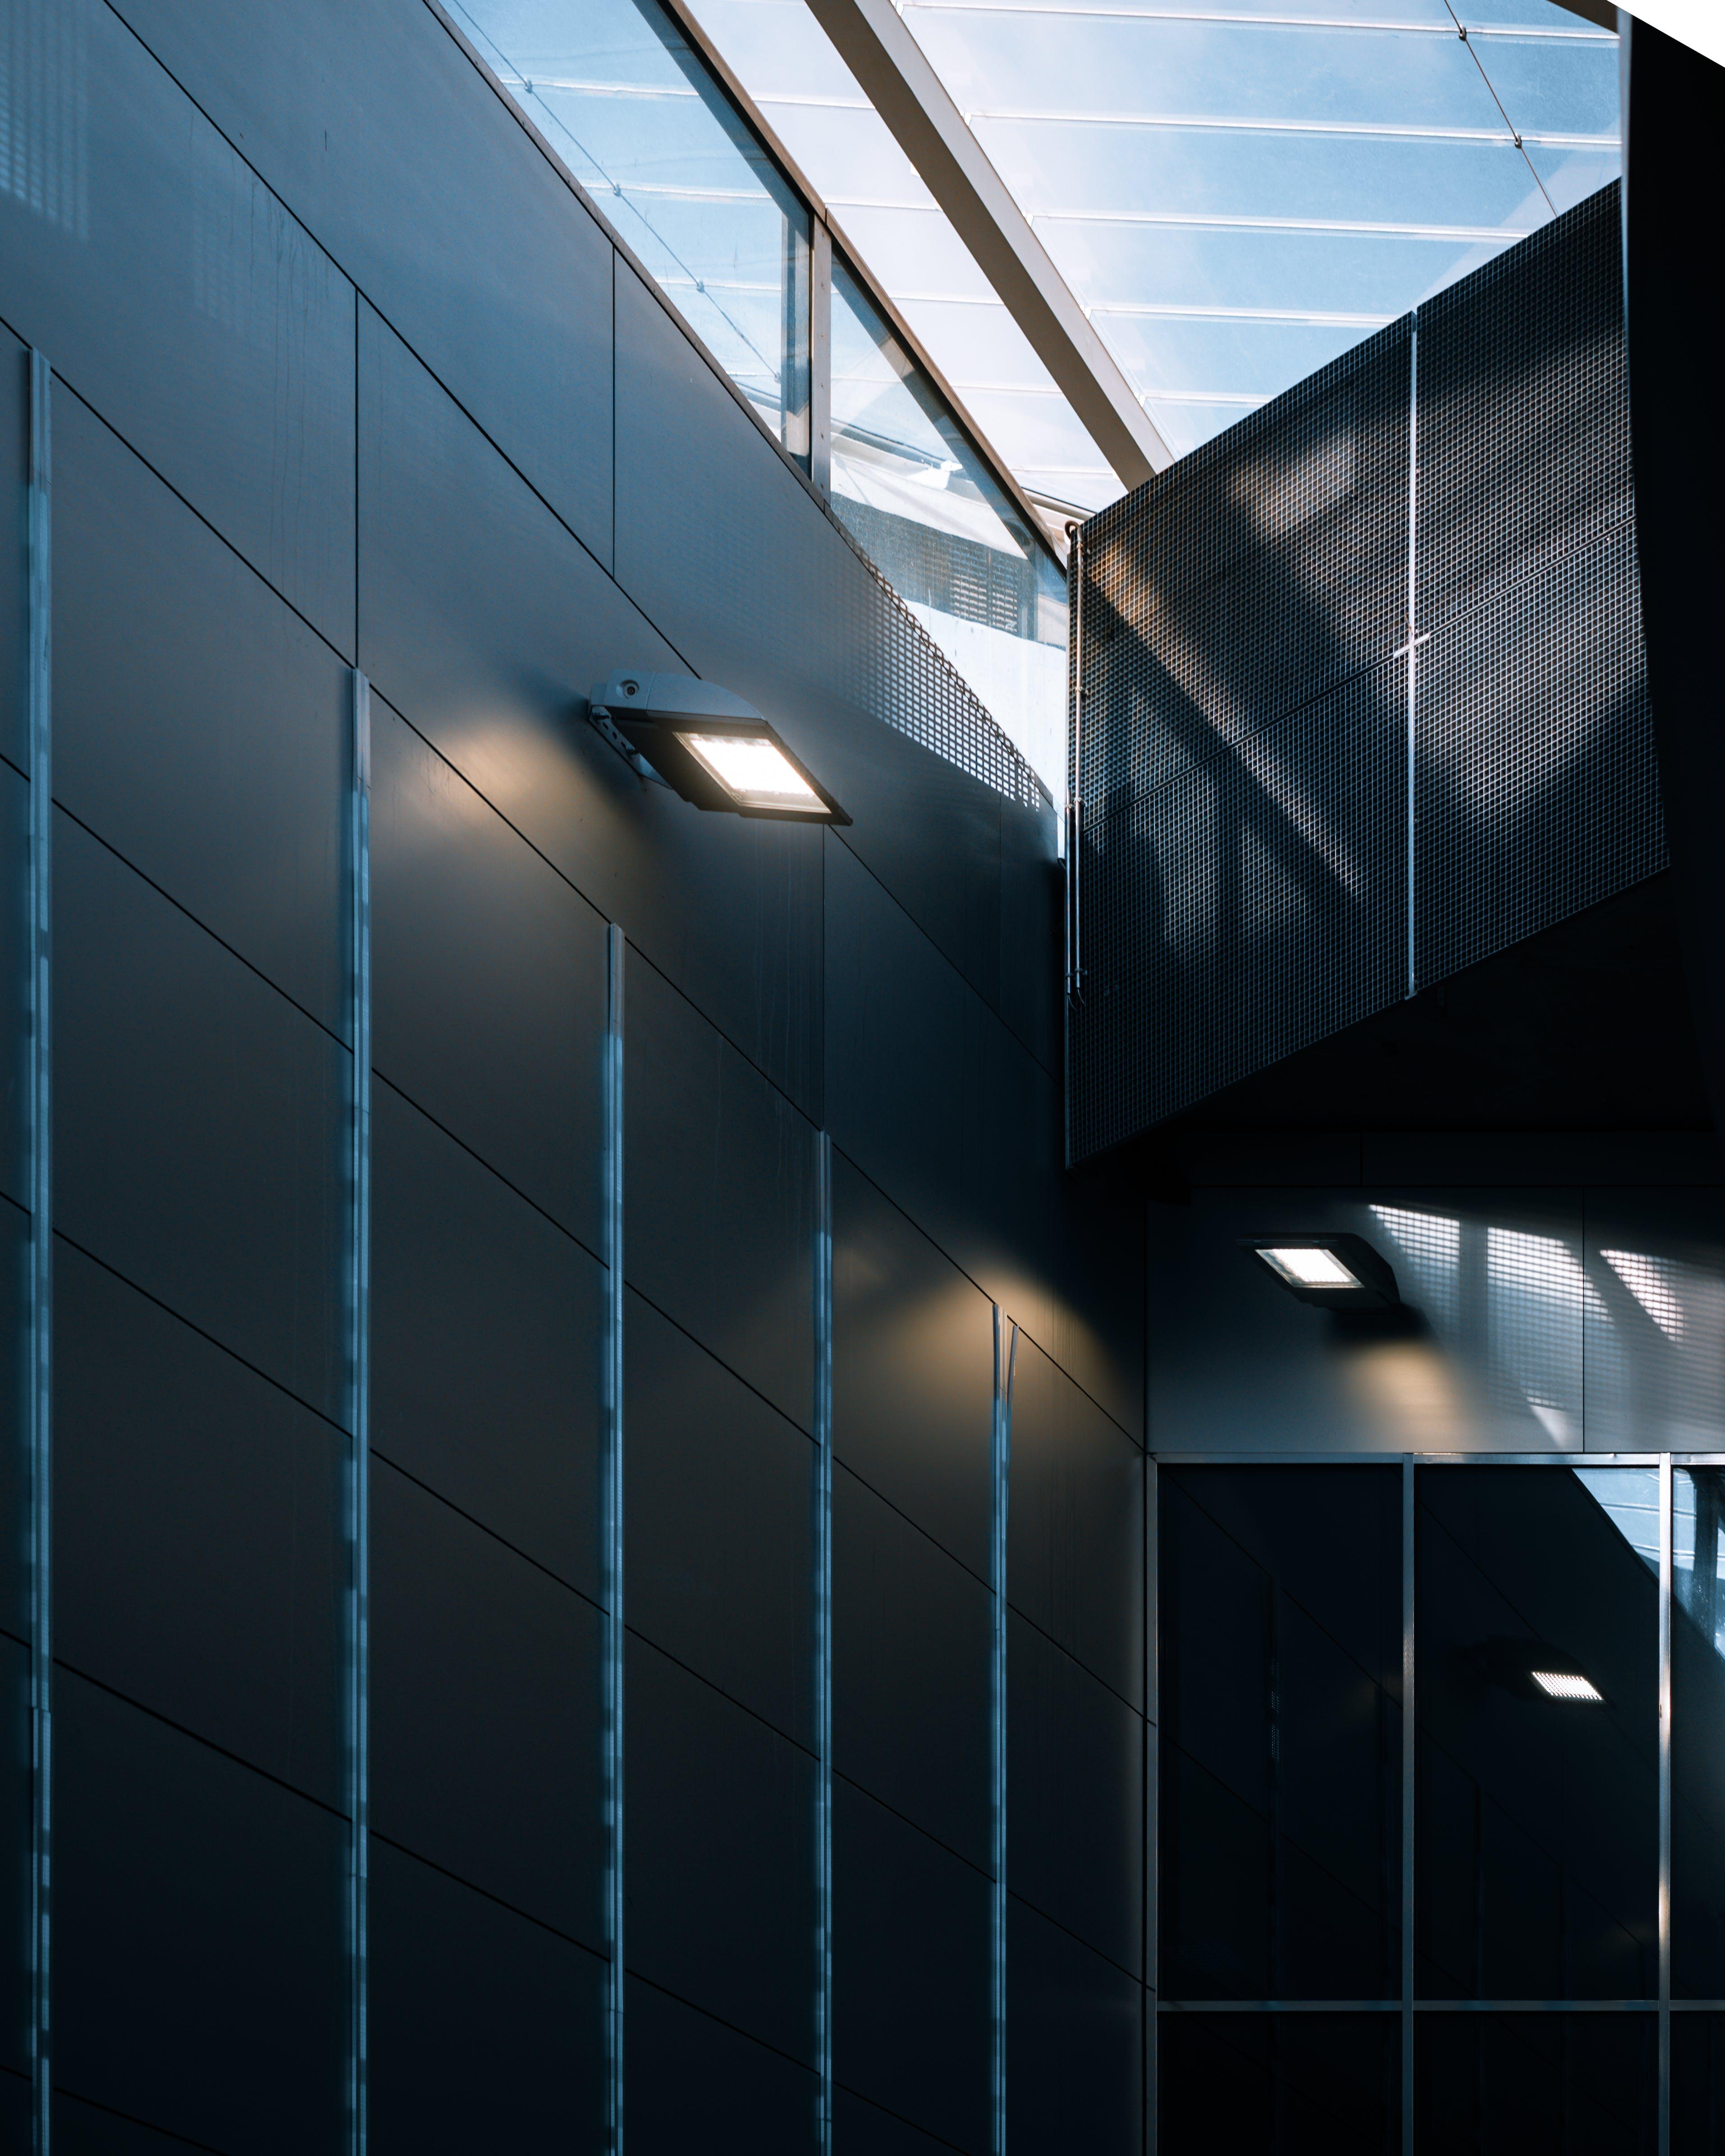 Fotos de stock gratuitas de edificios, líneas, metro, paralelo